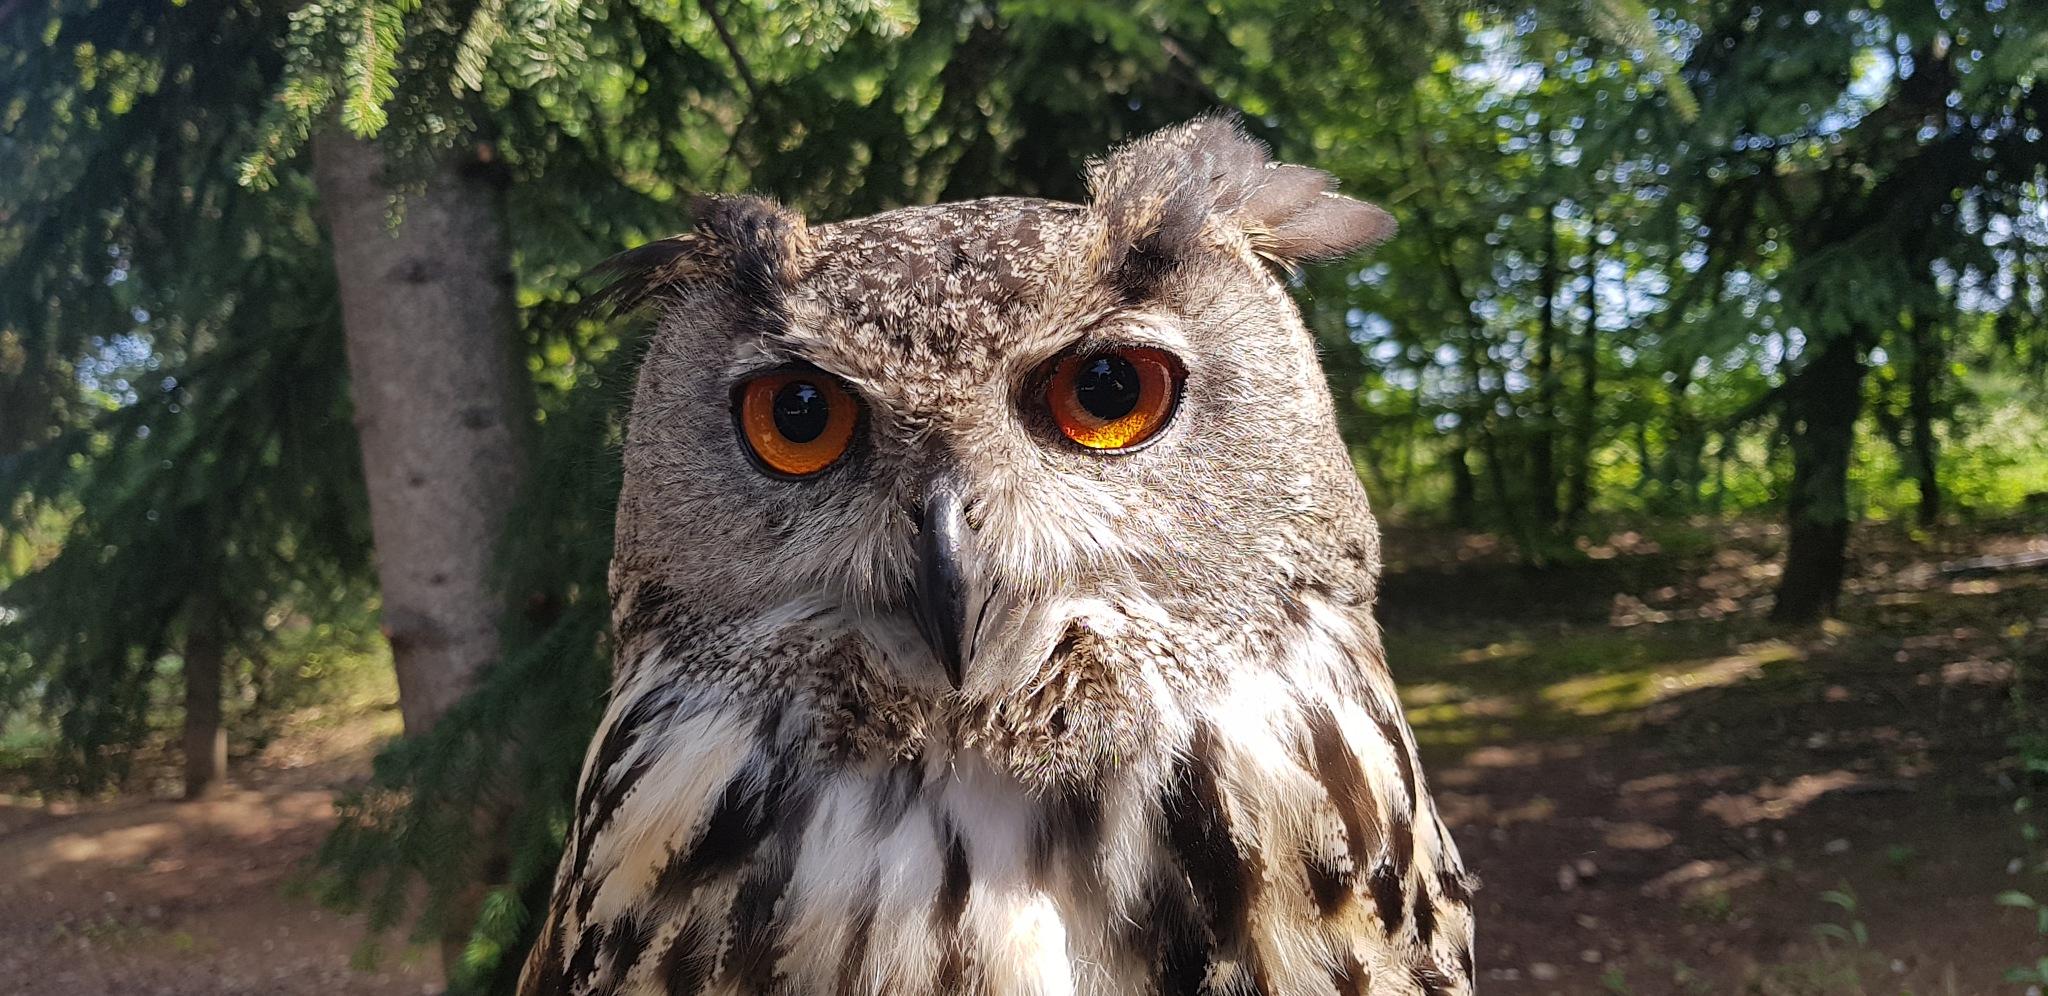 Owl ❤ by luciaesposto8